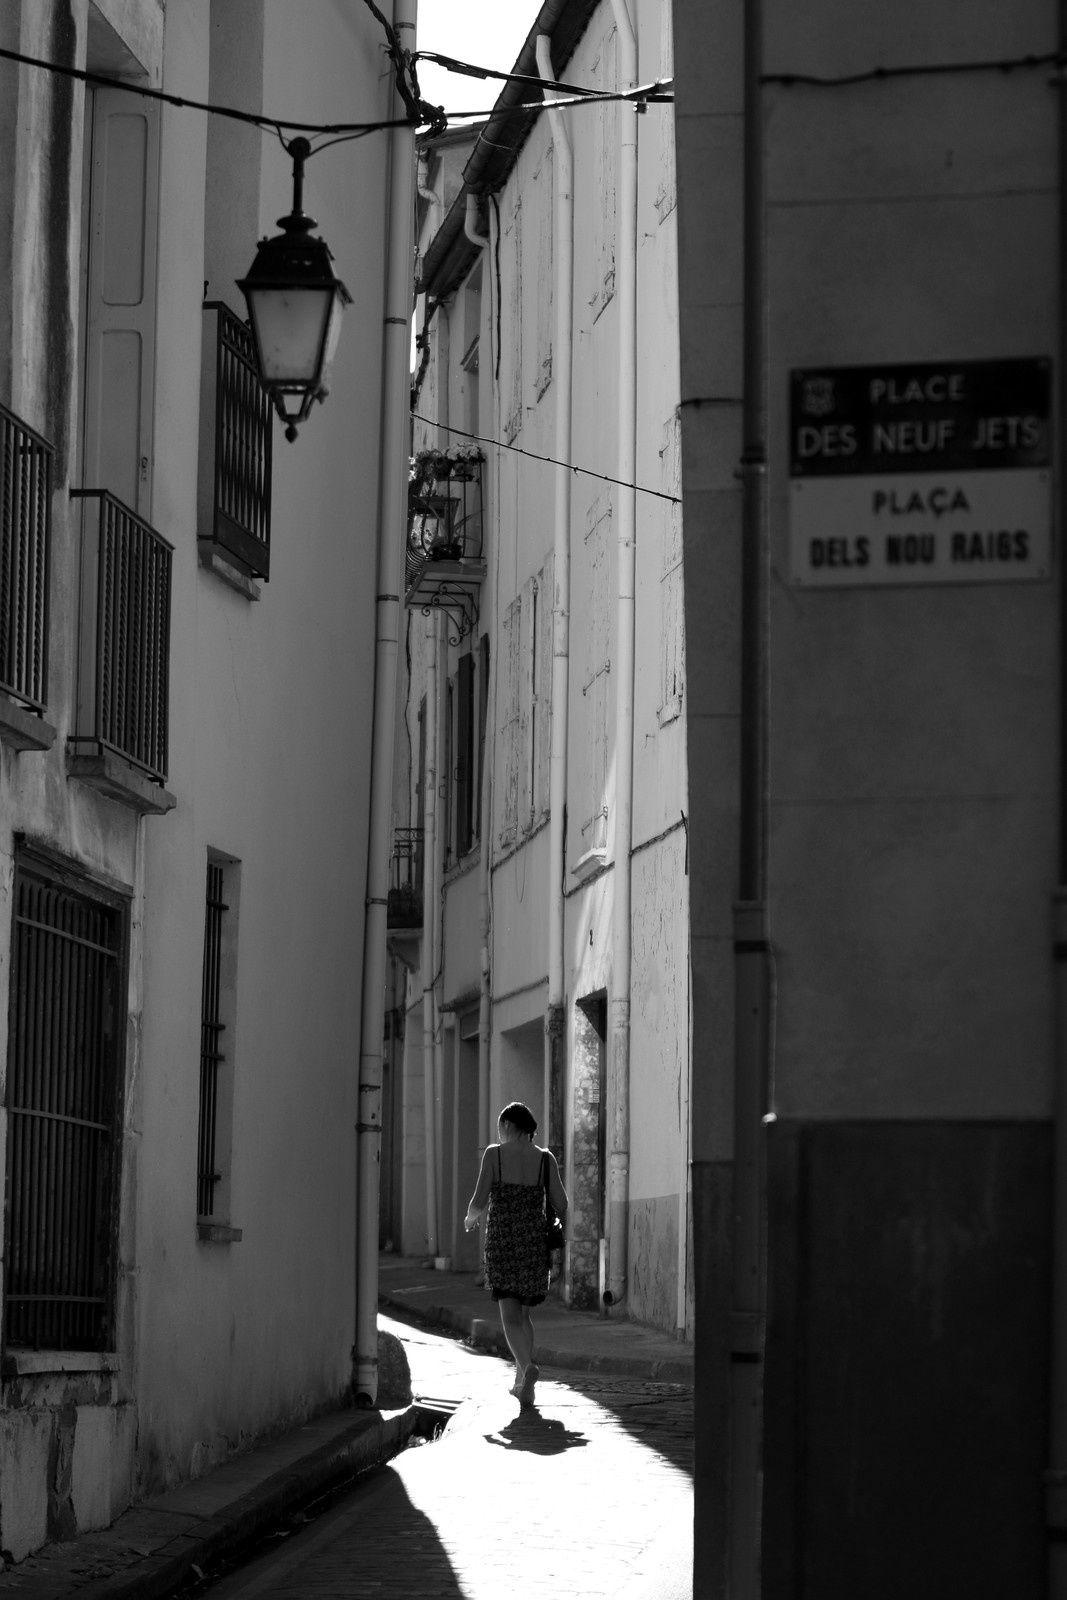 CÉRET (au fil des rues...)